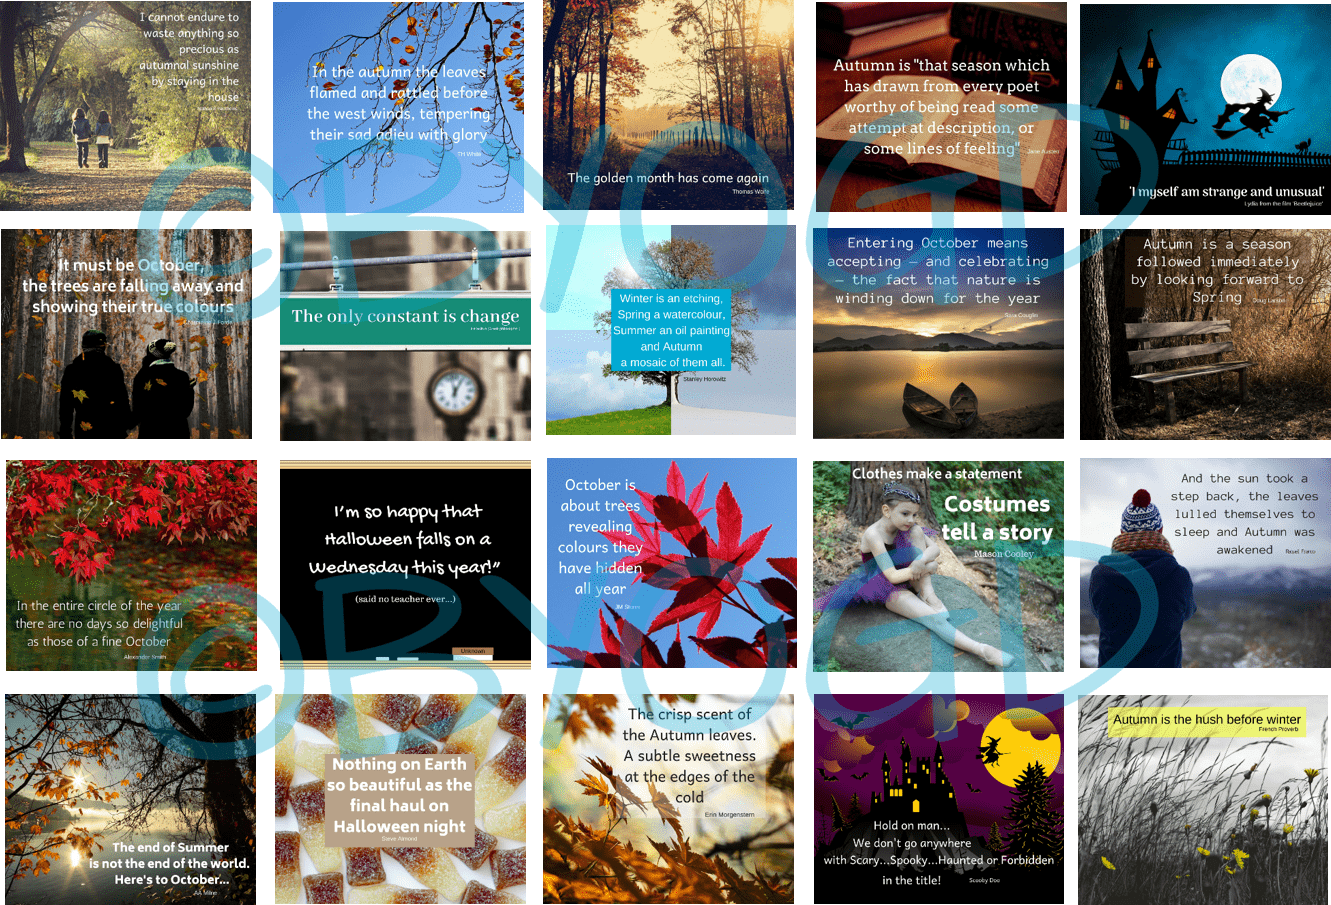 20 Ready-made January Social Media Quotes